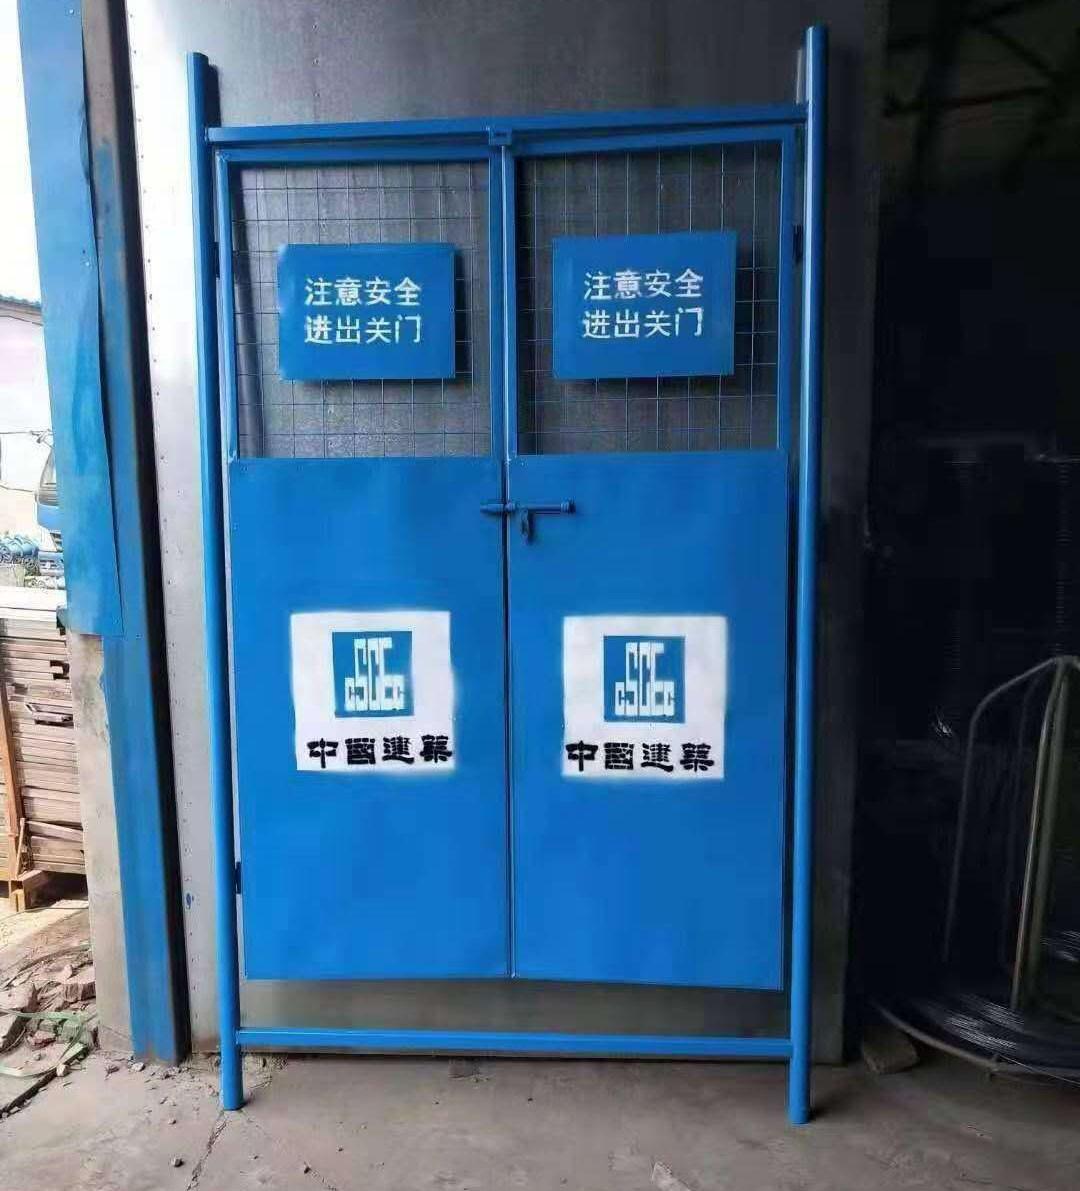 中建蓝外框电梯门